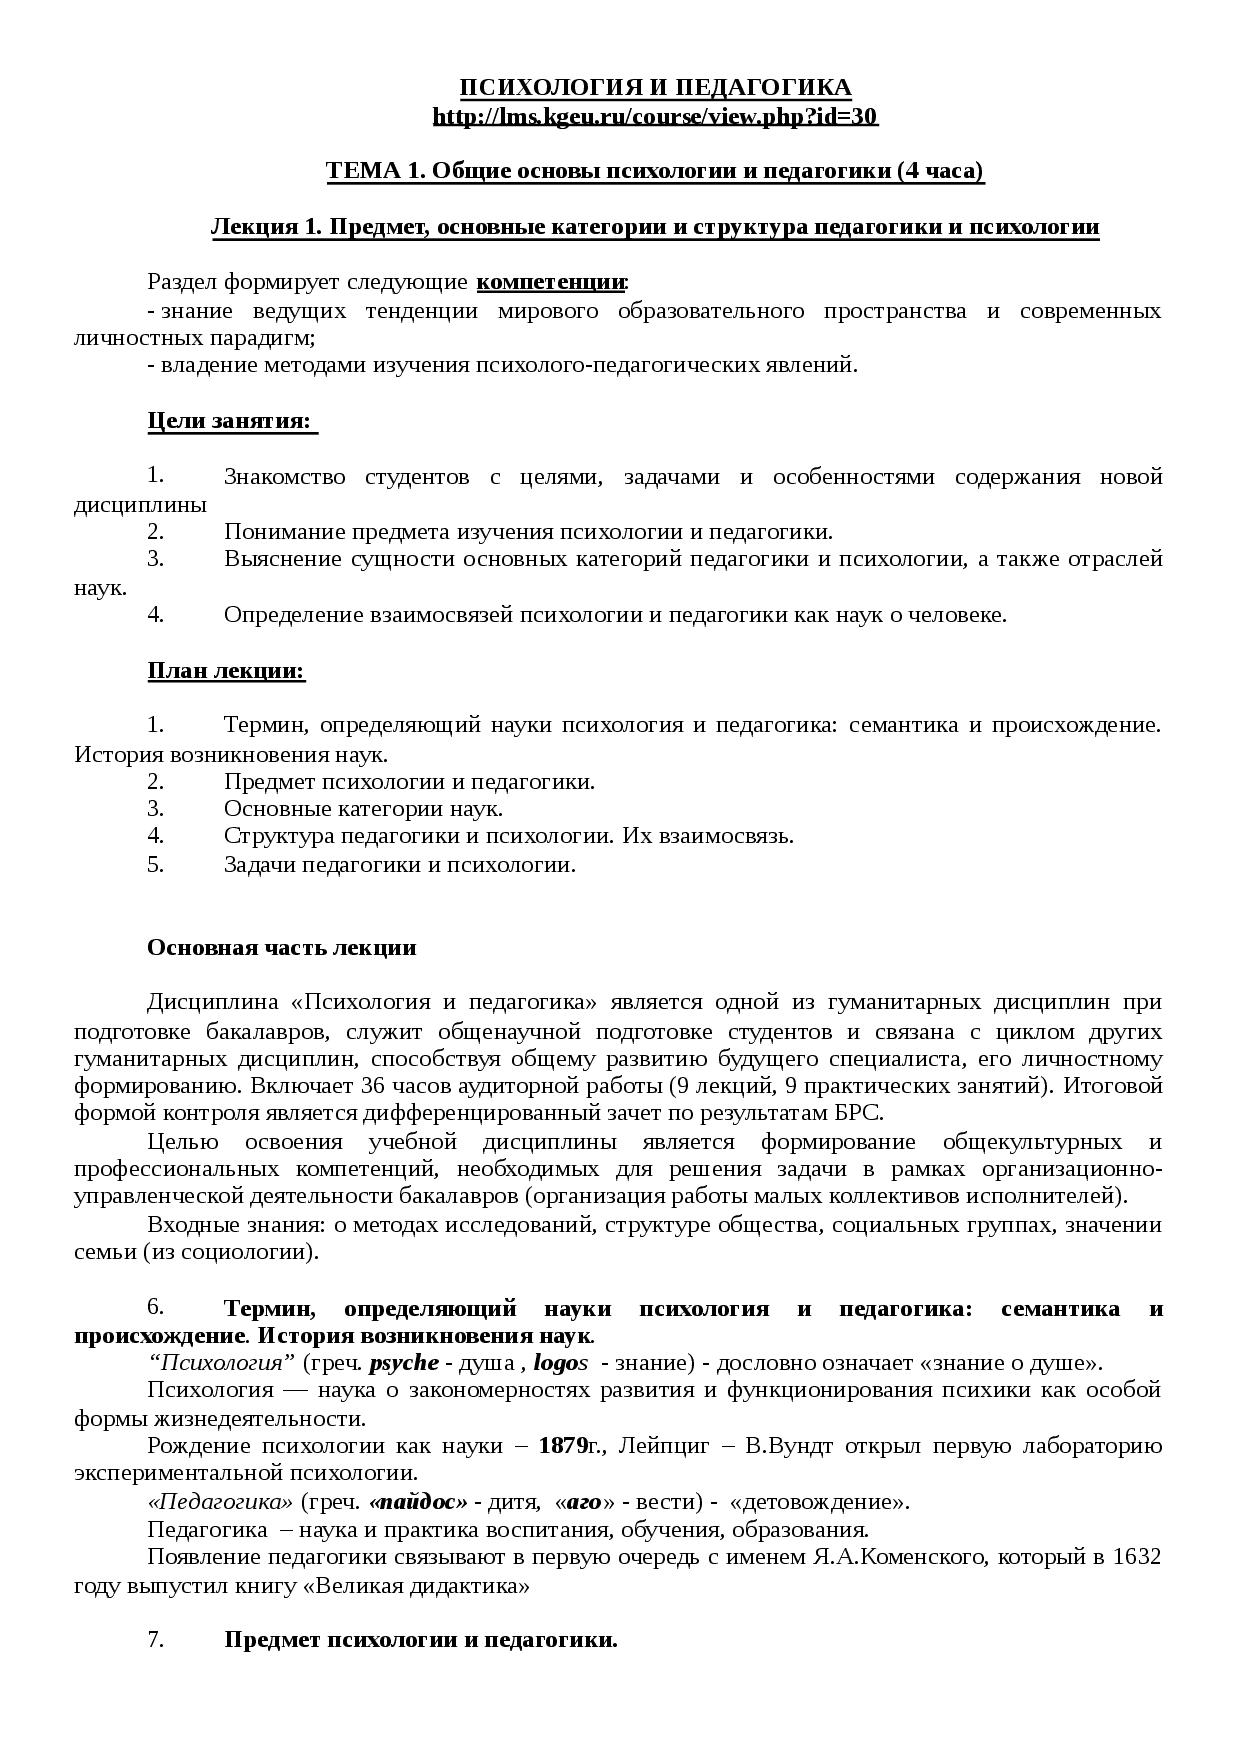 Простые и эффективные техники гипноза